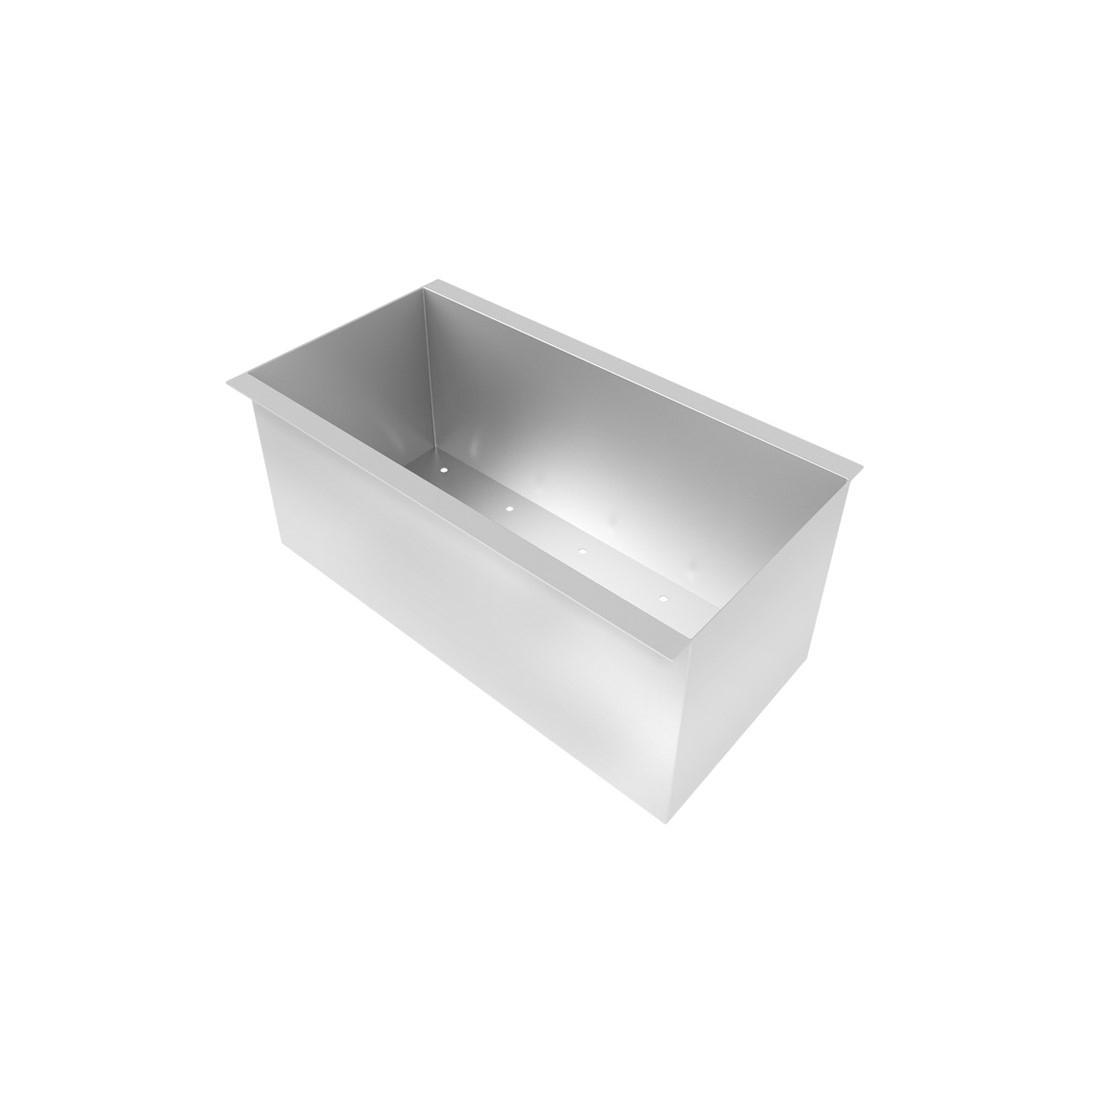 Canal Organizador Úmido 600 DeBacco Inox 20.03.10600